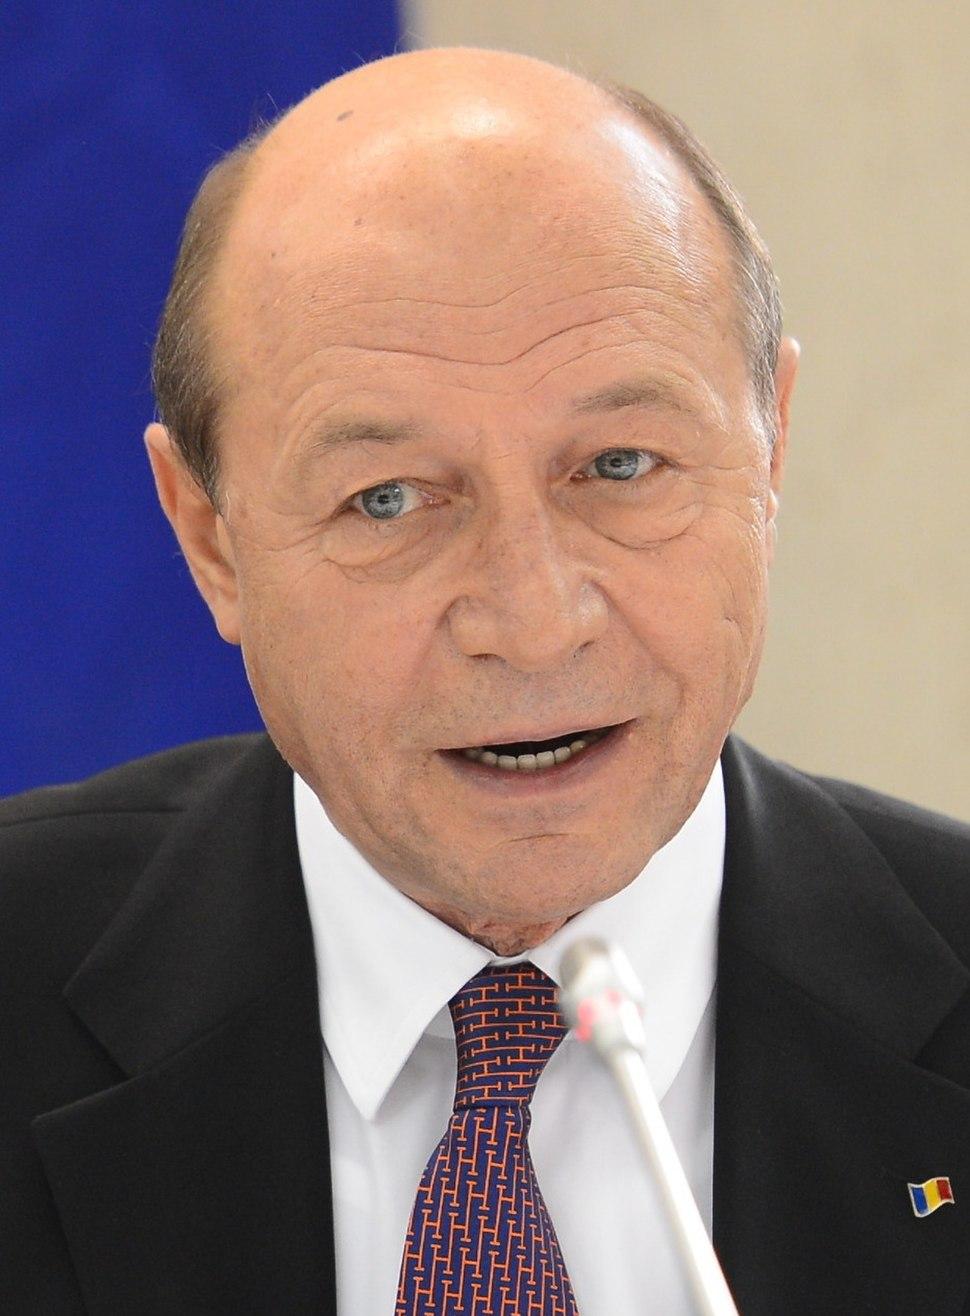 EPP Summit; Meise, Dec. 2013 (11449226465) (cropped 2)